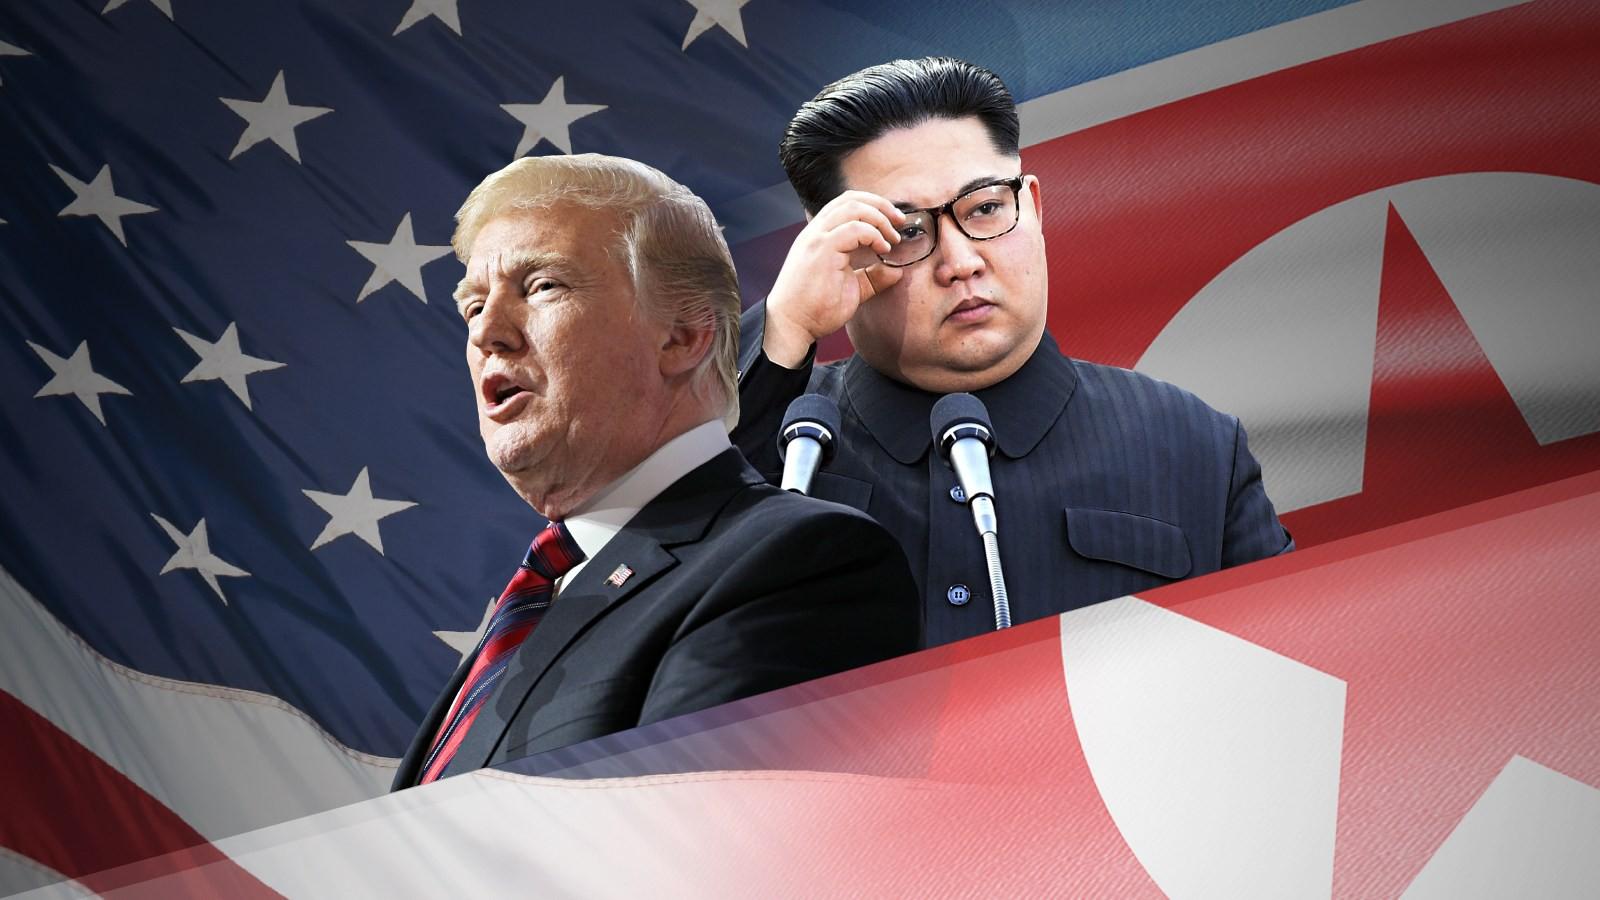 Trực tiếp hội nghị thượng đỉnh Mỹ - Triều Tiên: Cái bắt tay lịch sử 9